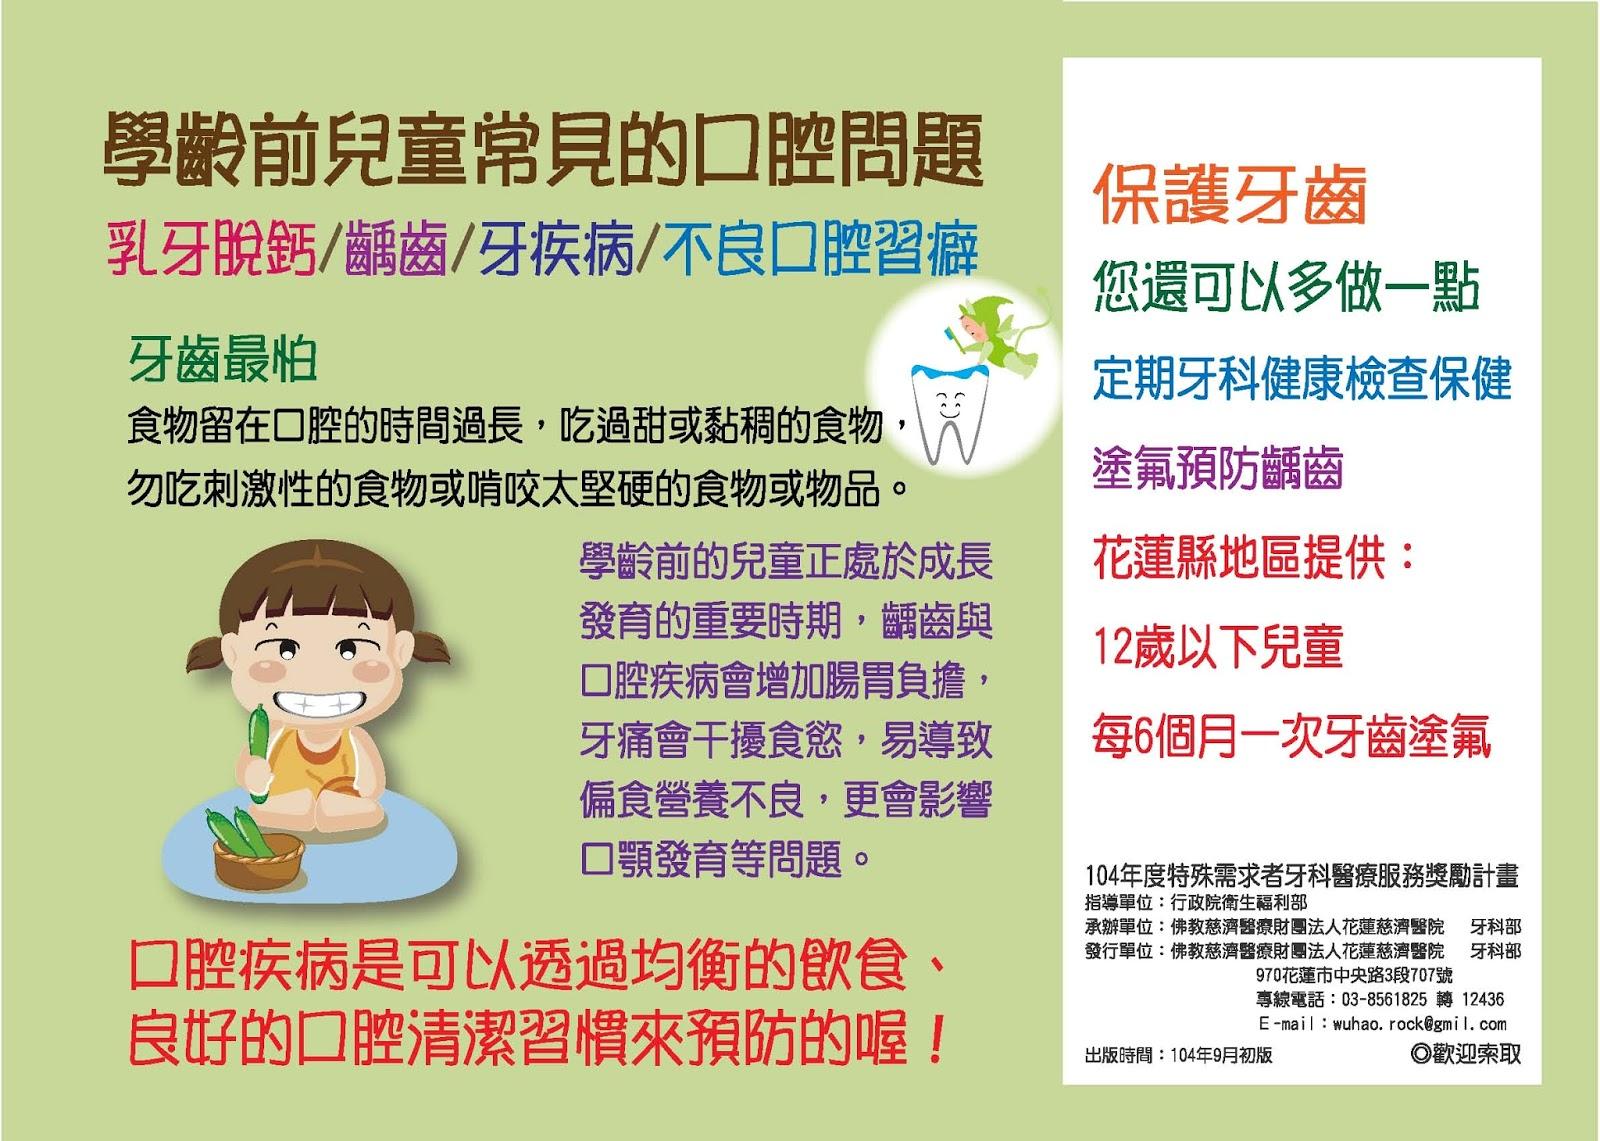 花蓮特殊需求者牙科服務網絡: 一月 2016